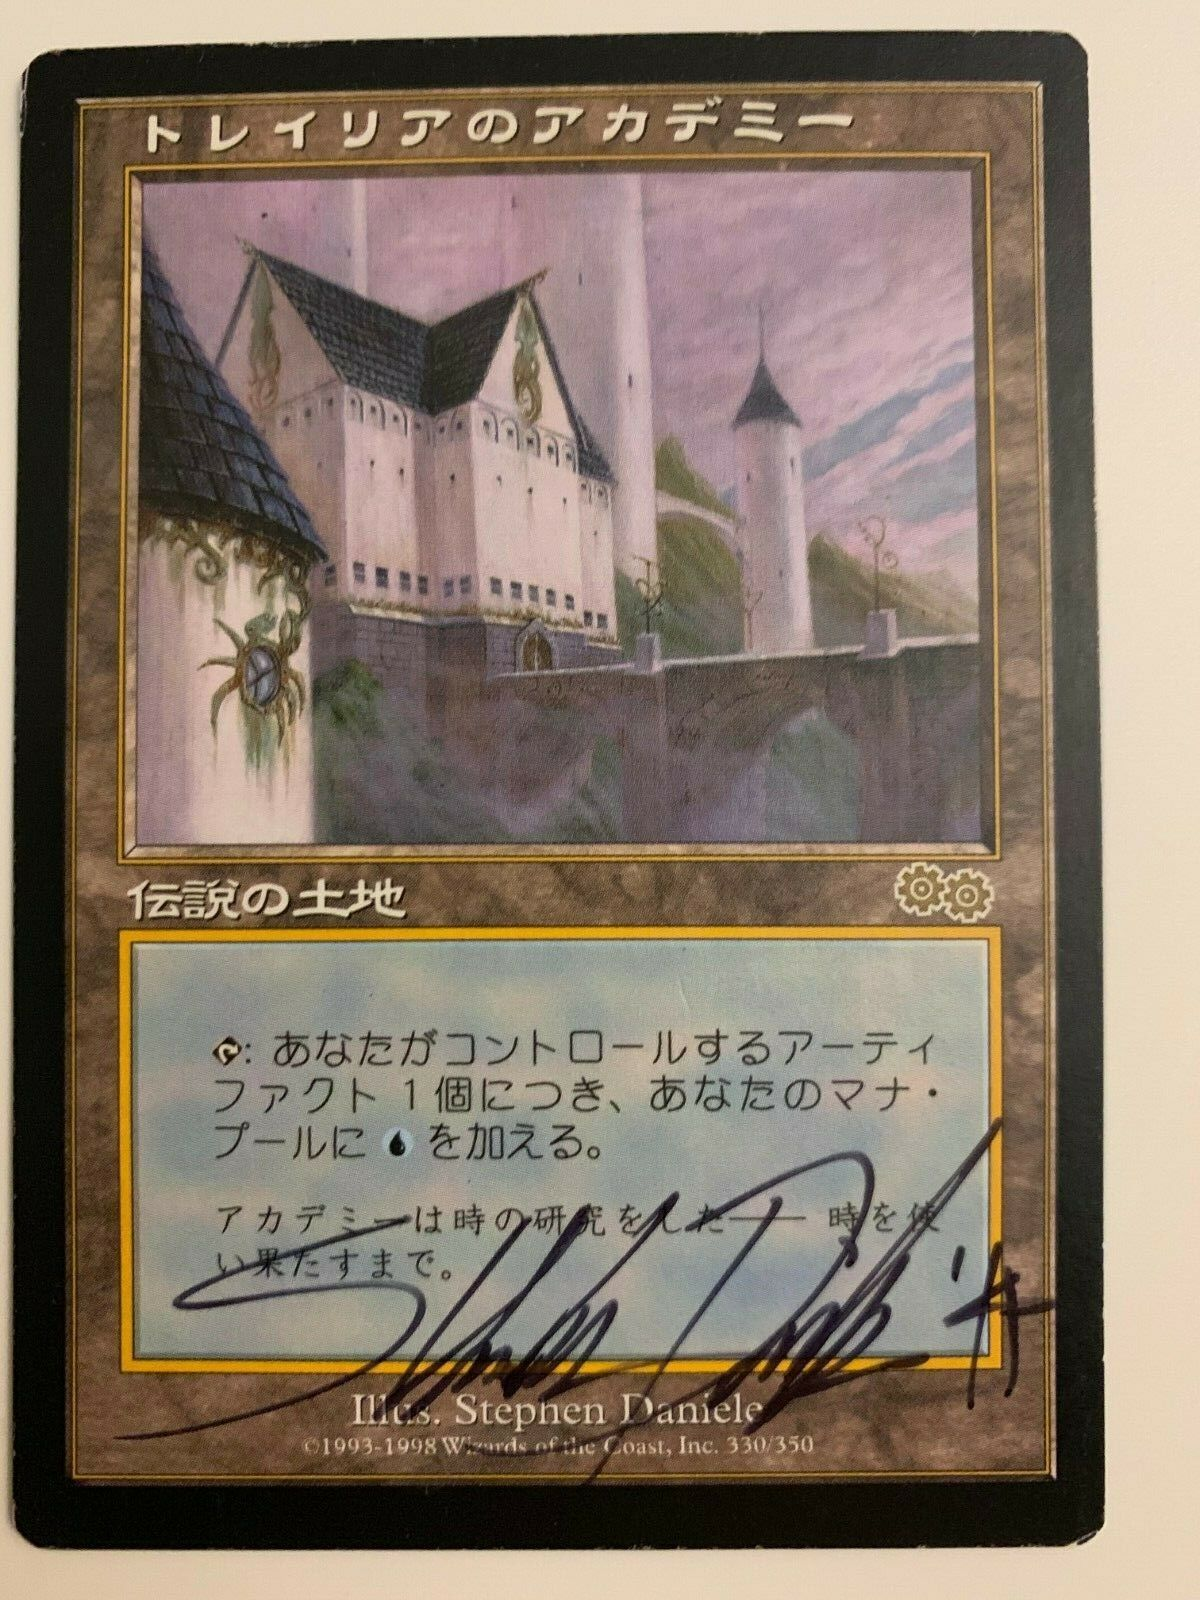 Mtg magic the gathering  tolarian akademie - japanisch - urzas saga unterzeichnet.